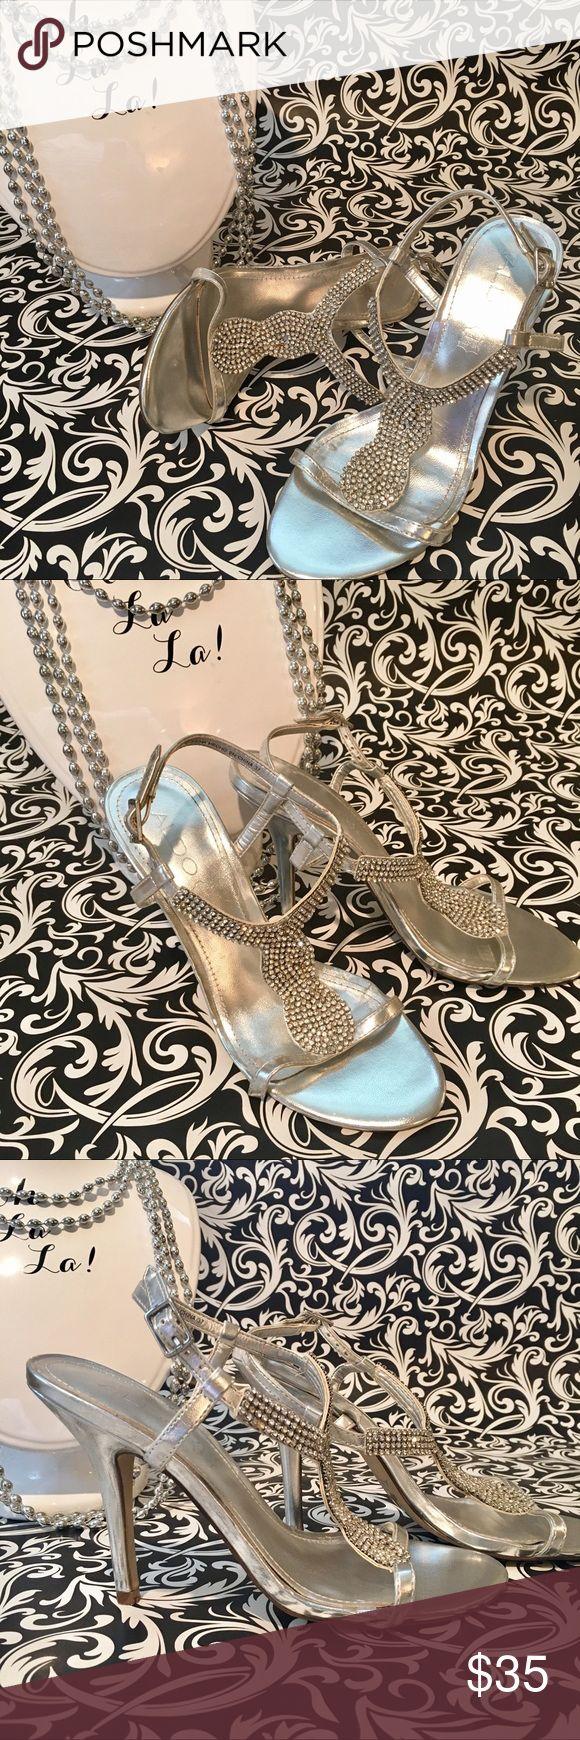 """Aldo silver rhinestone heels Aldo silver rhinestone heels, ankle strap, size 7. Few rhinestones missing but not noticeable. 4-1/2"""" heel. Aldo Shoes Heels"""